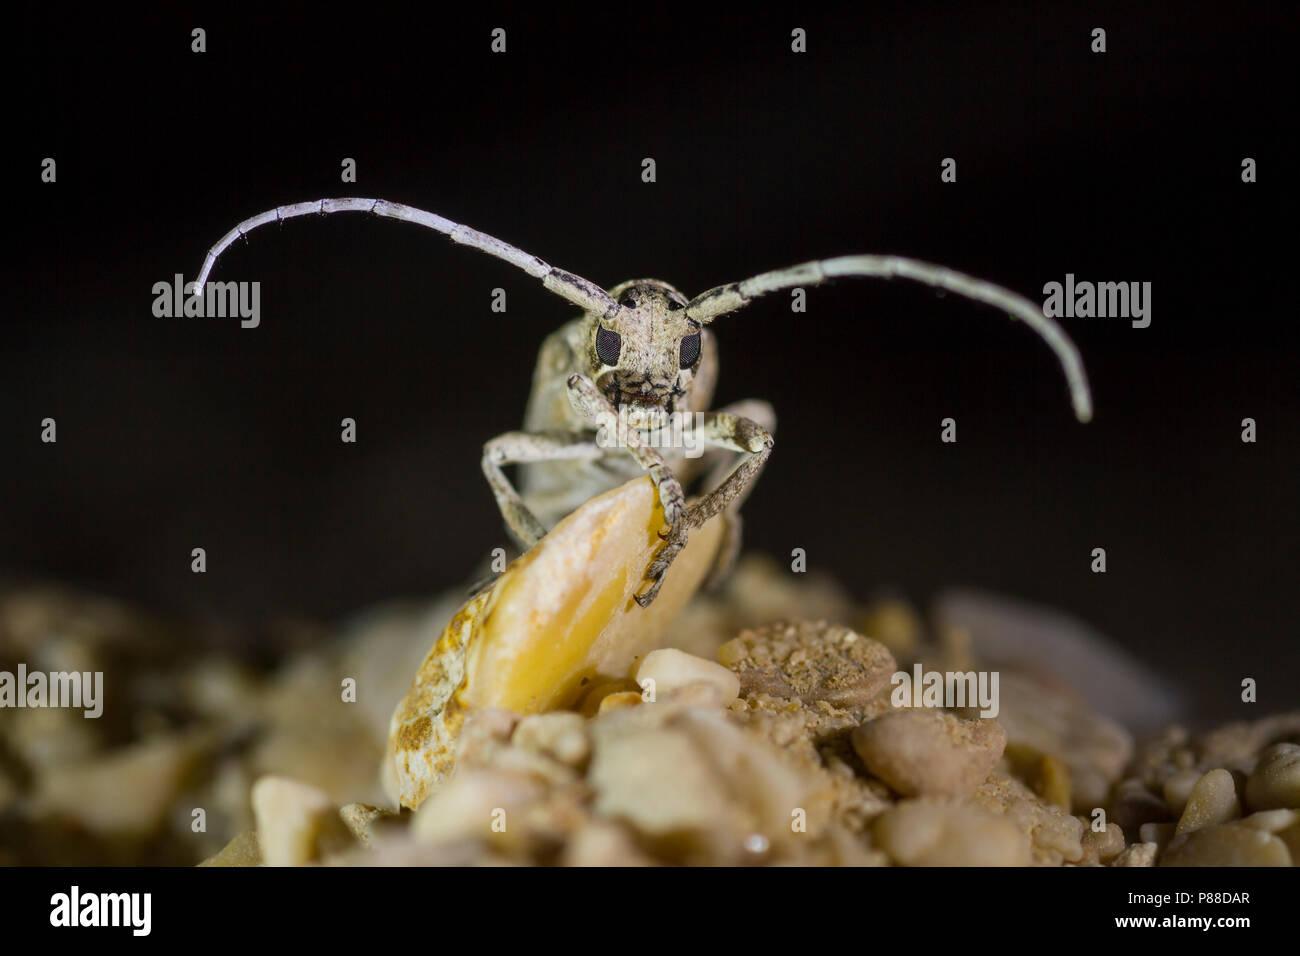 Long-horned Beetle - Niphona indica, Oman, imago - Stock Image